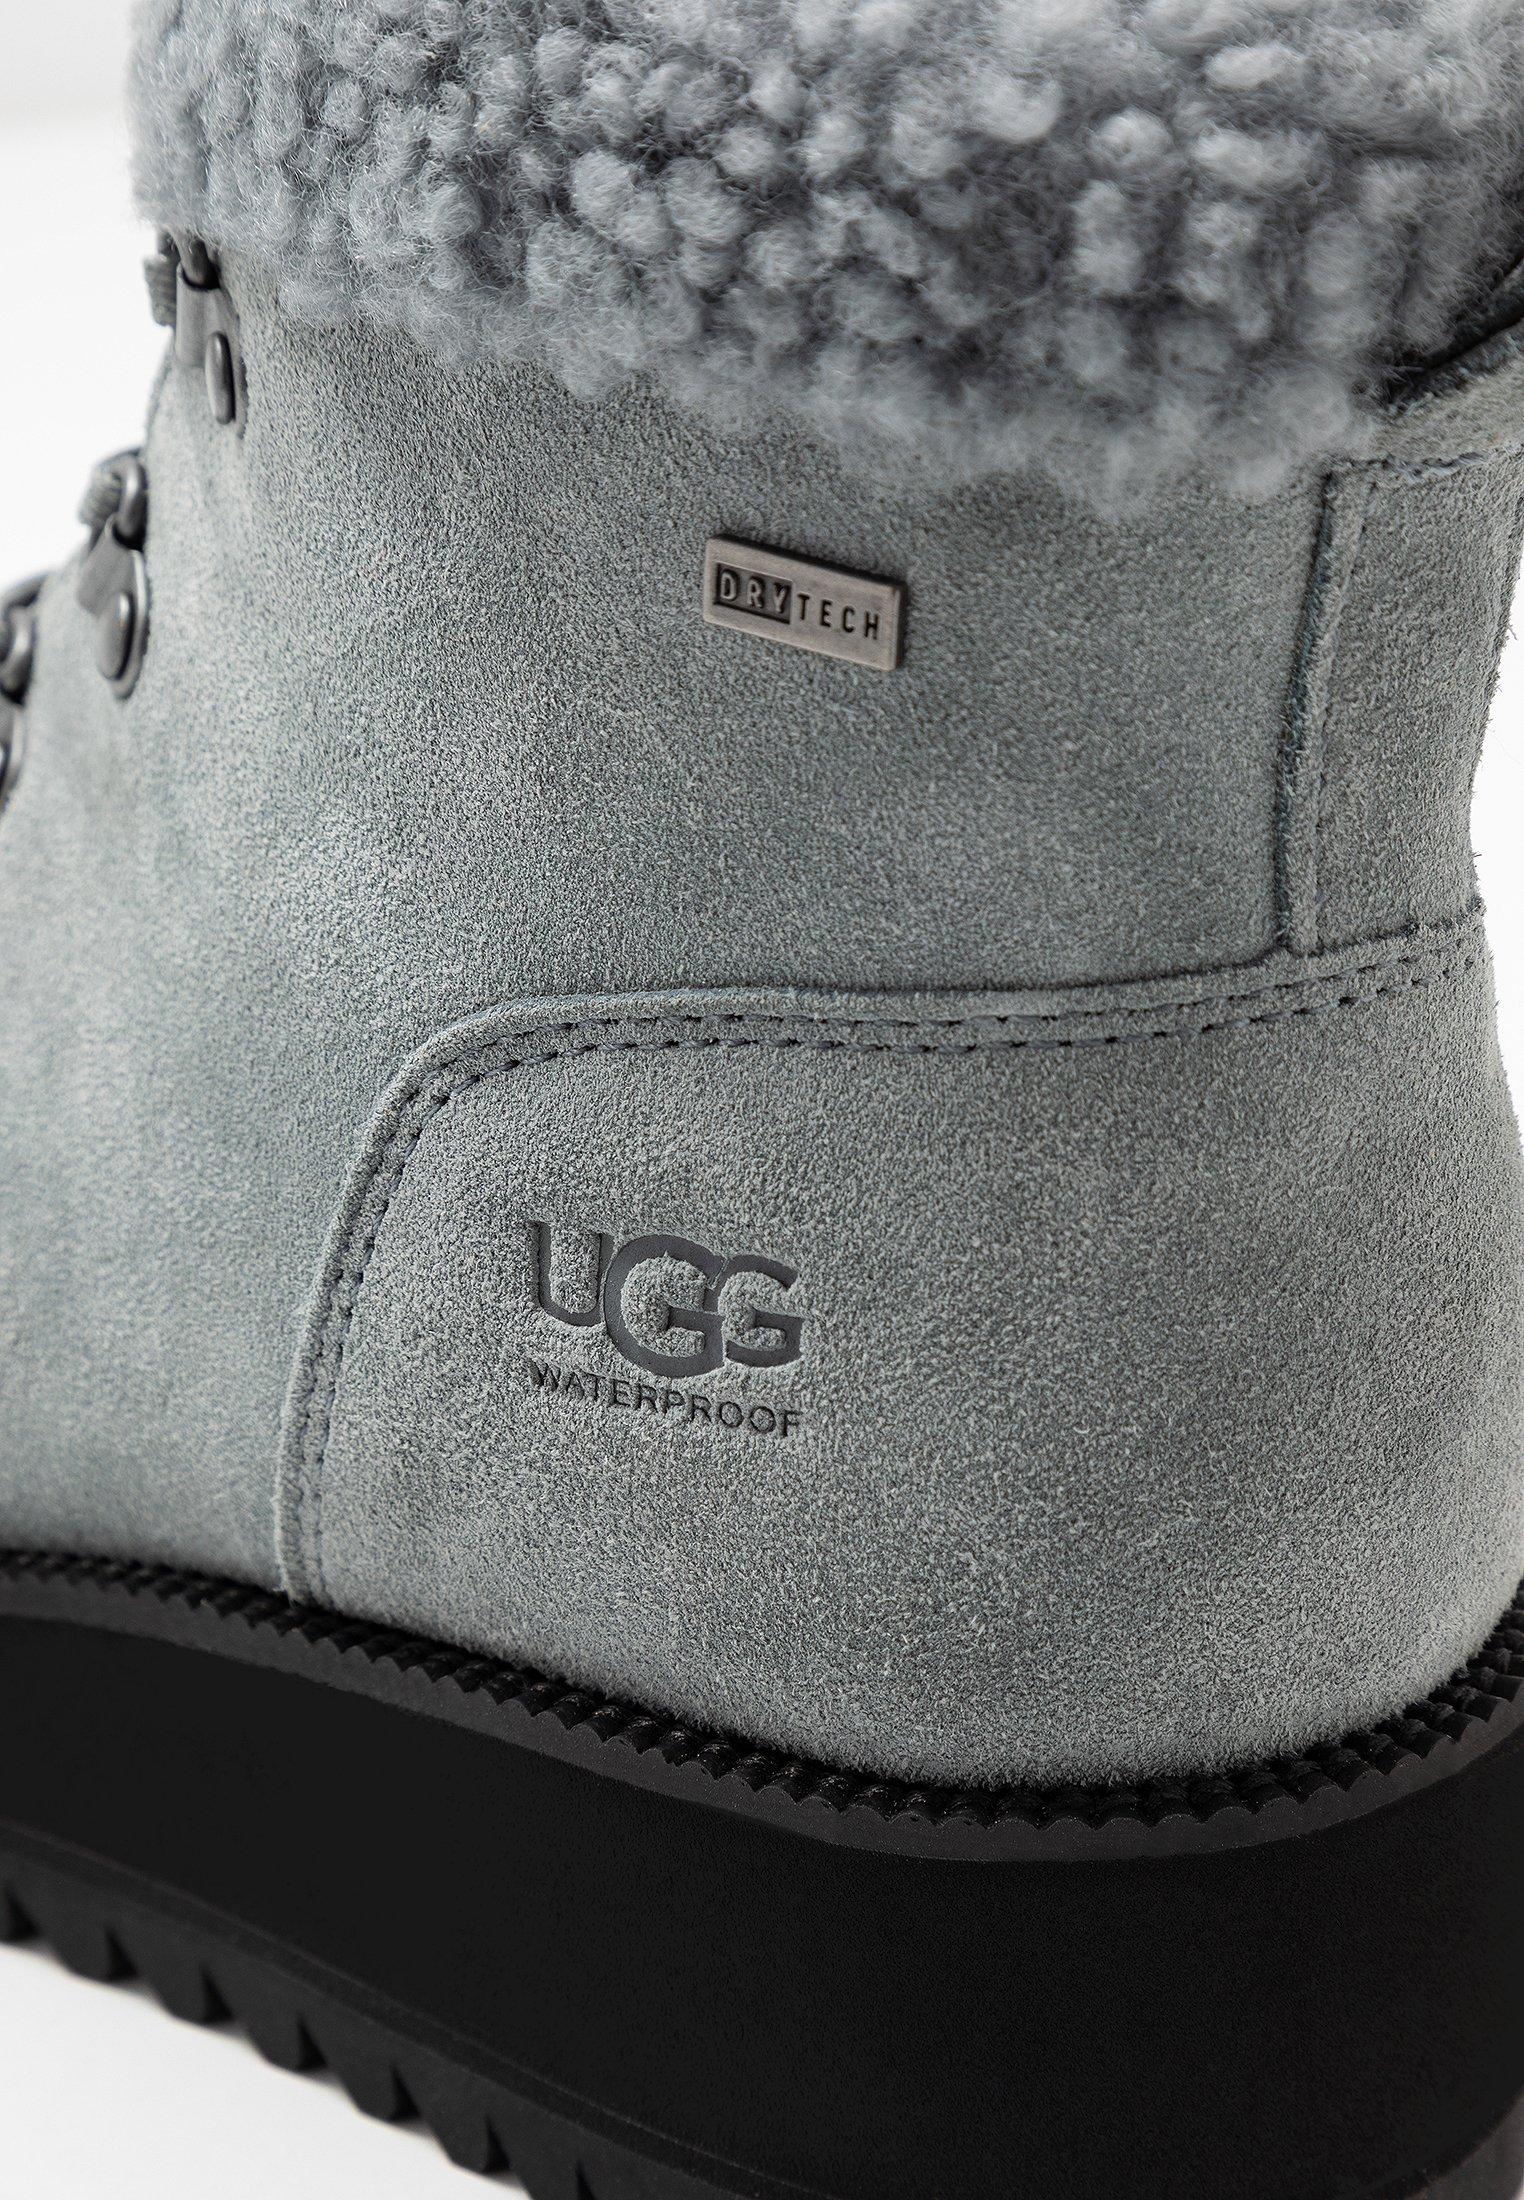 UGG BIRCH LACE-UP - Snowboot/Winterstiefel geyser